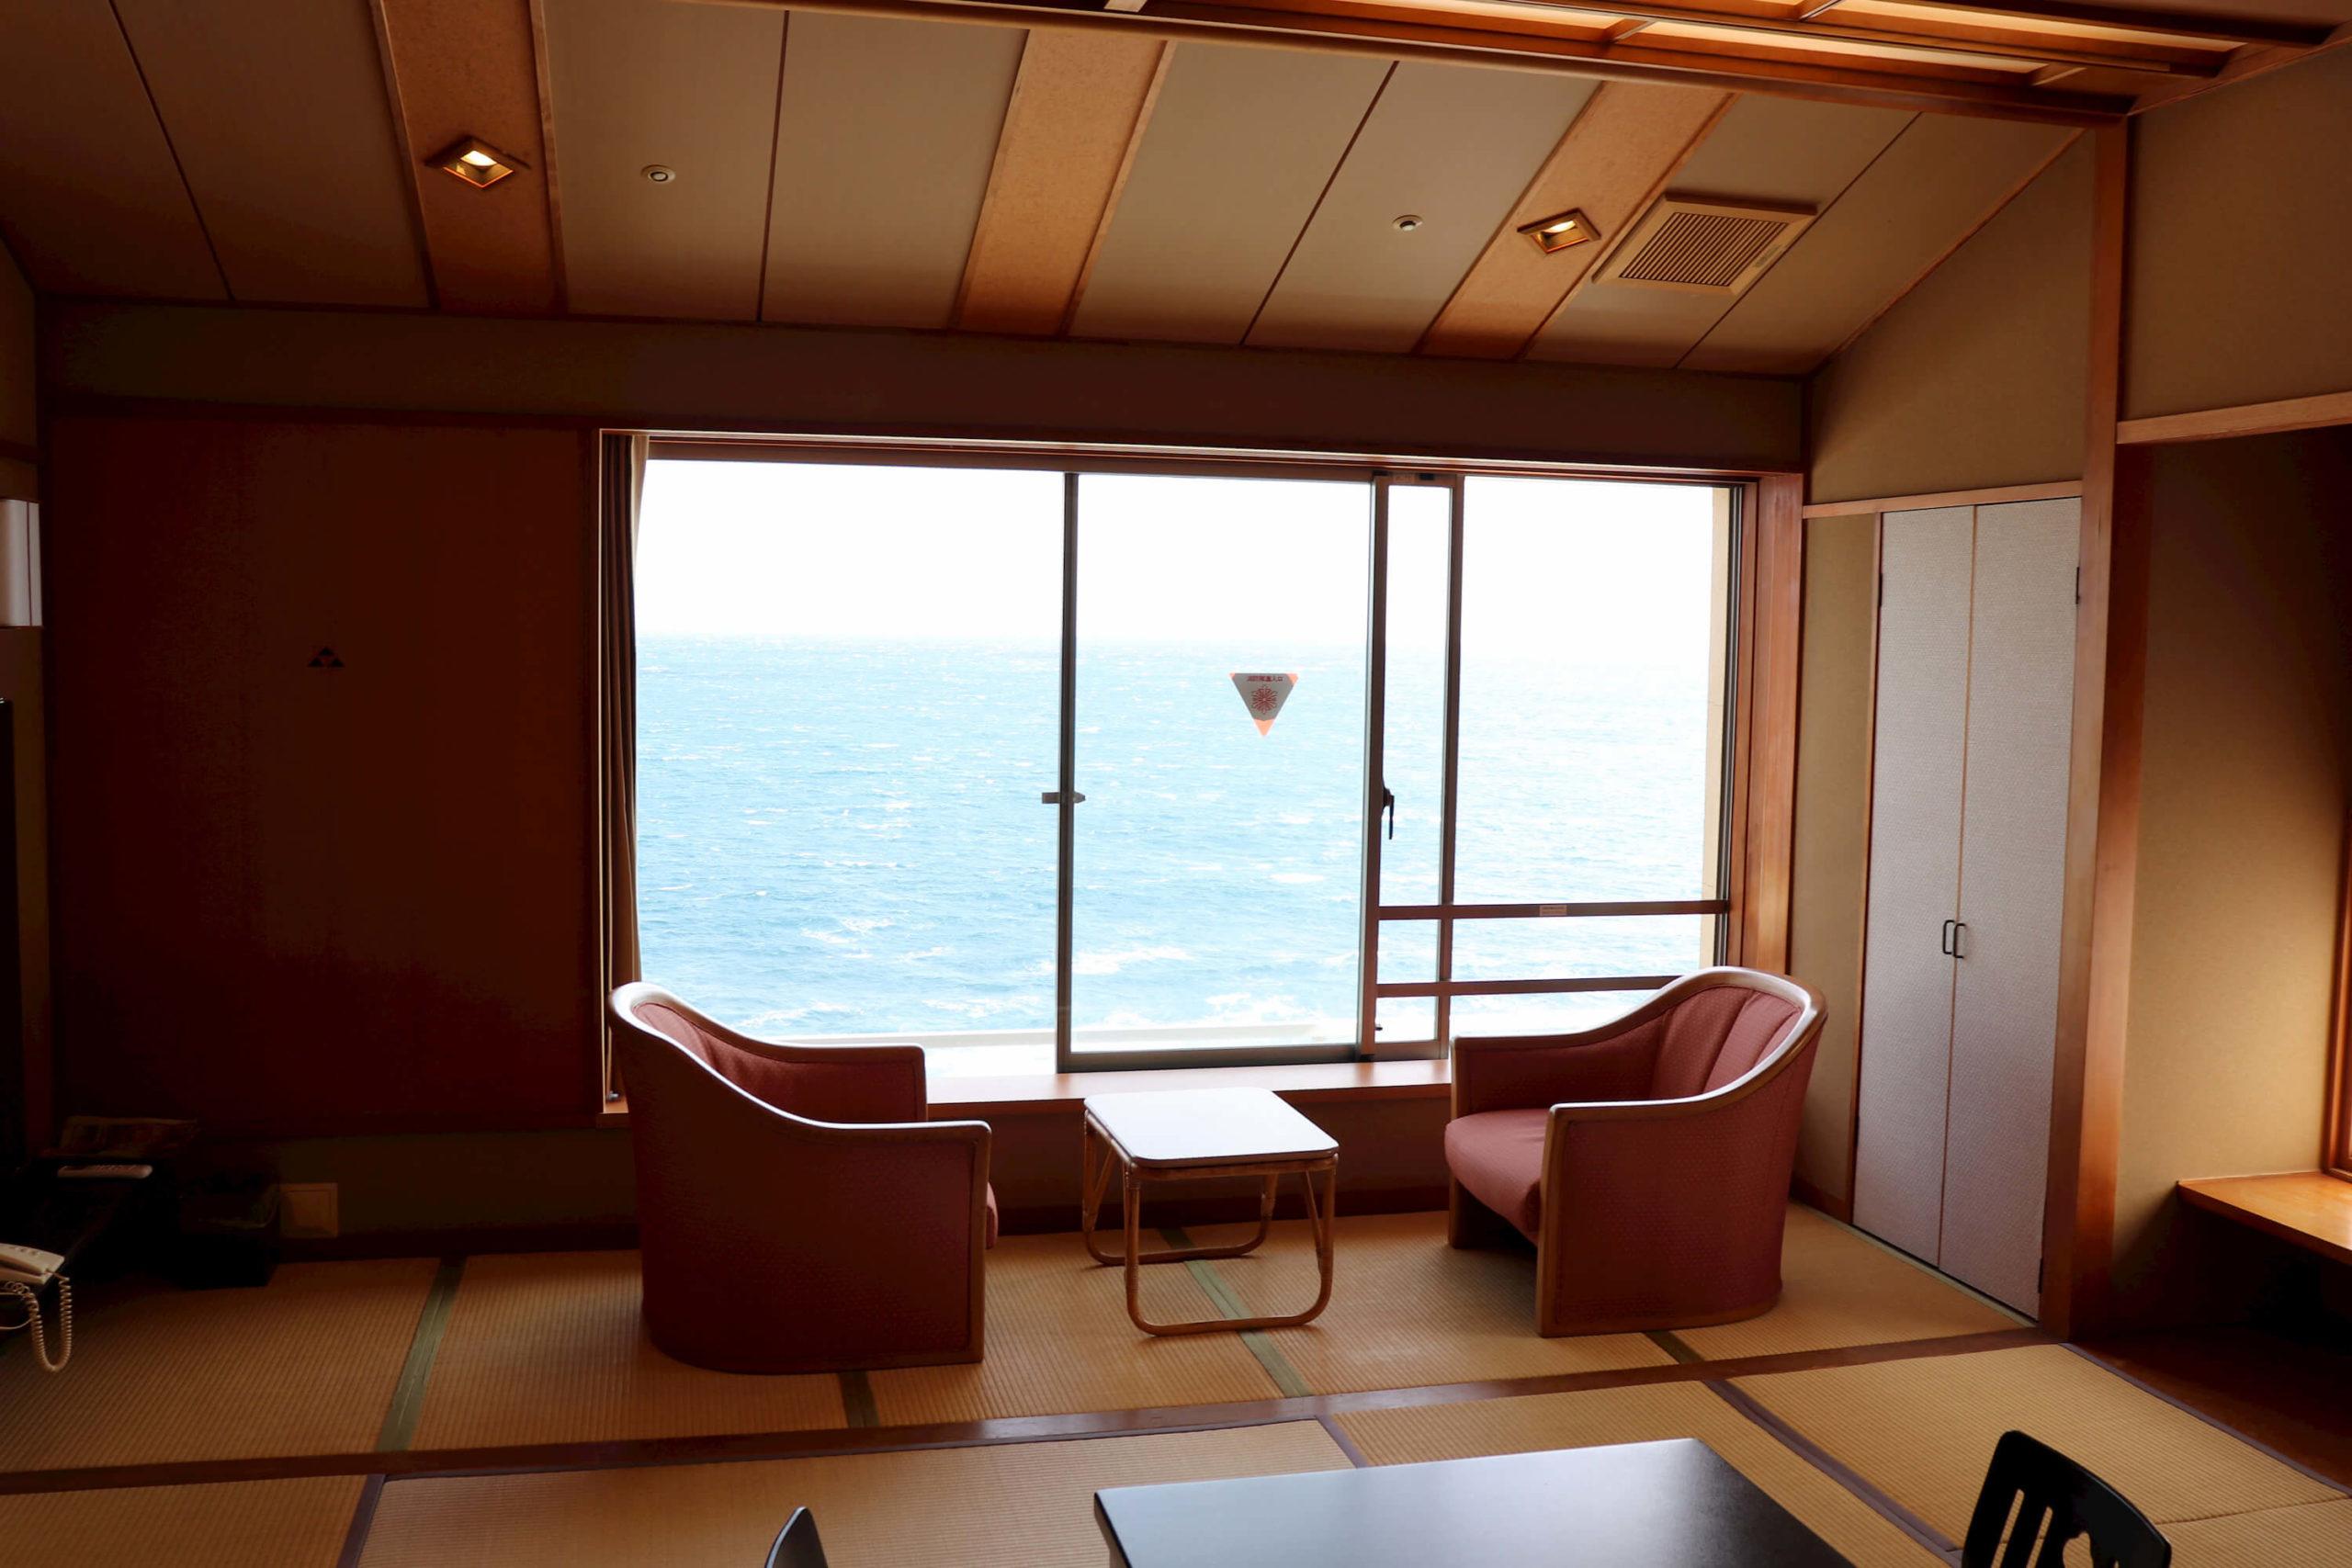 浜の湯の客室:海側標準客室